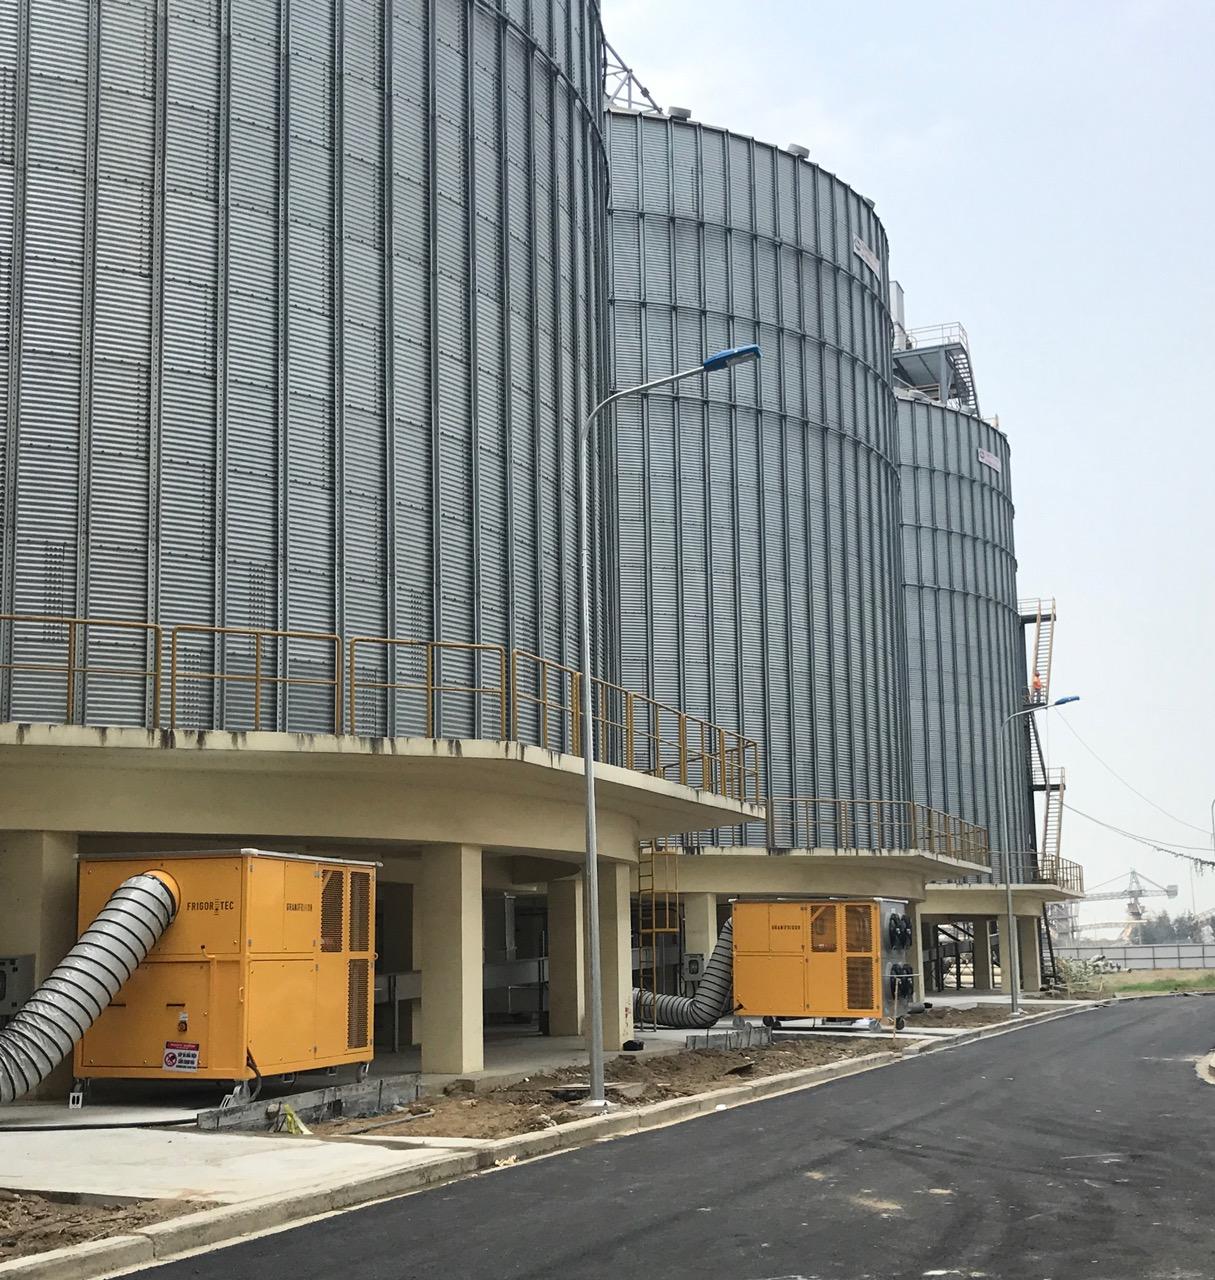 Tham quan nhà máy Intermalt Việt nam tại KCN Cái Mép